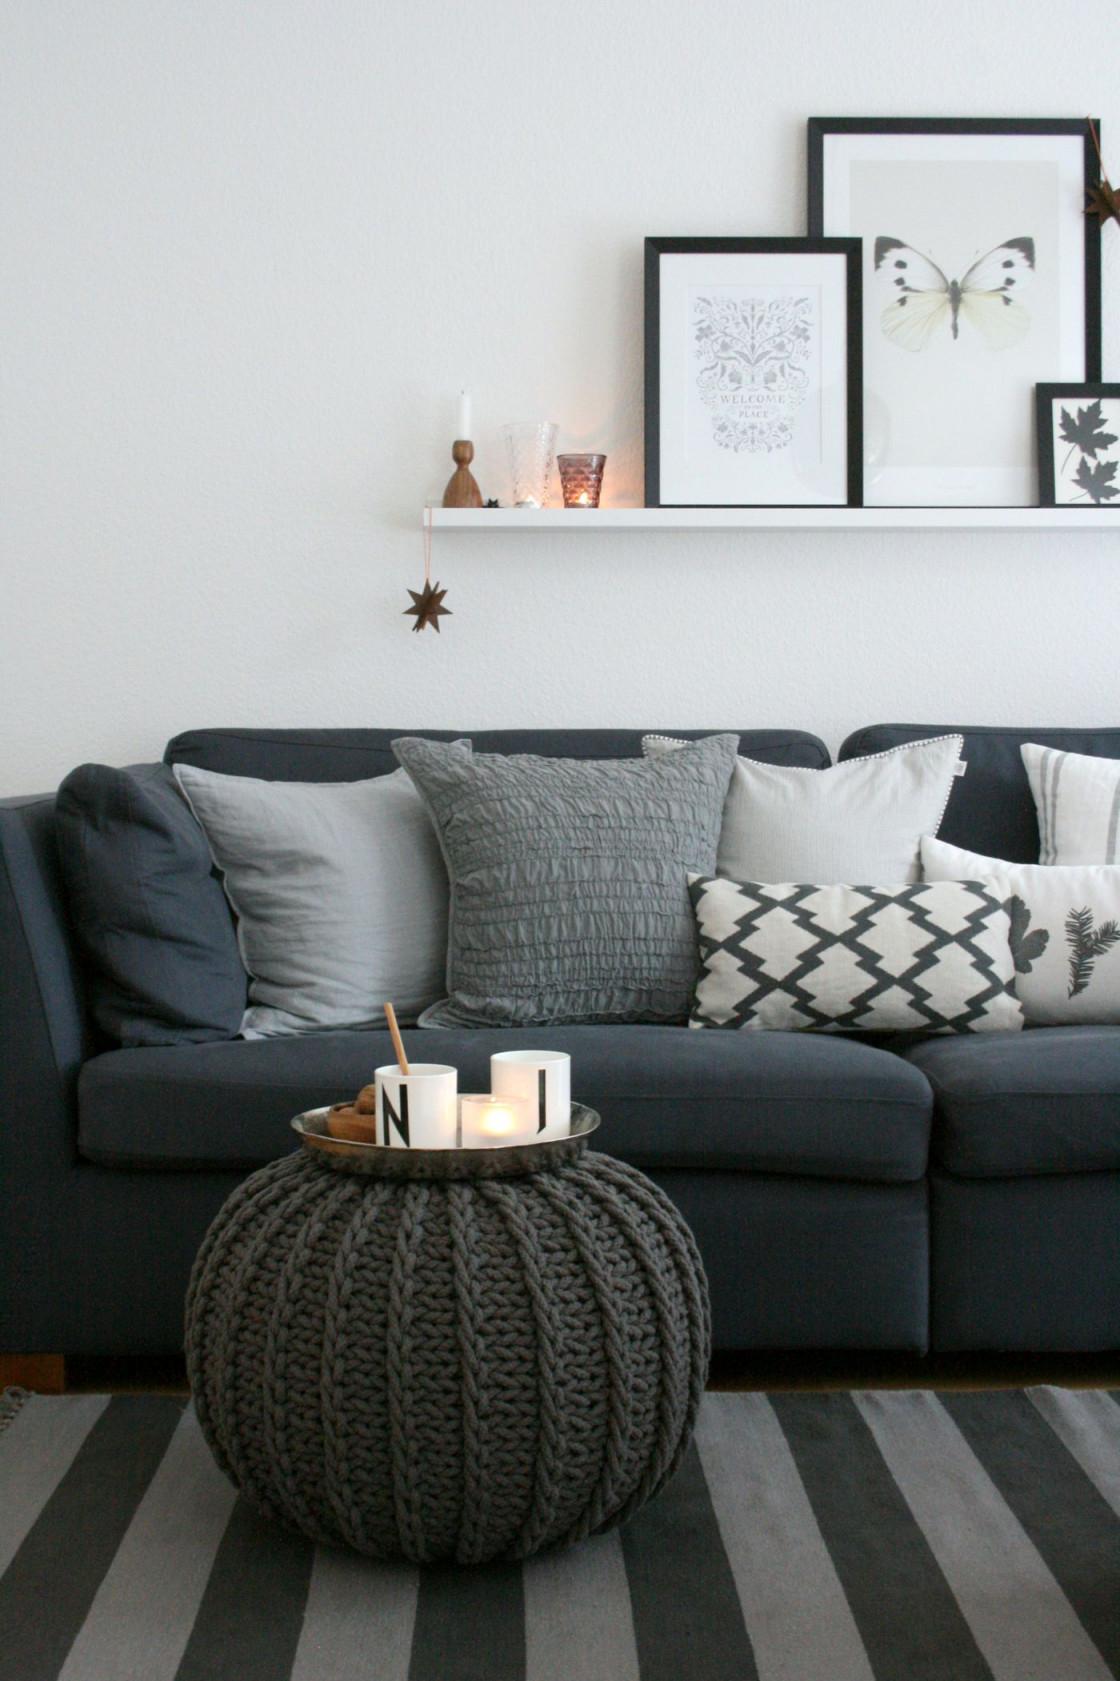 Graue Sofas Ideen Für Dein Wohnzimmer von Wohnzimmer Ideen Graues Sofa Photo